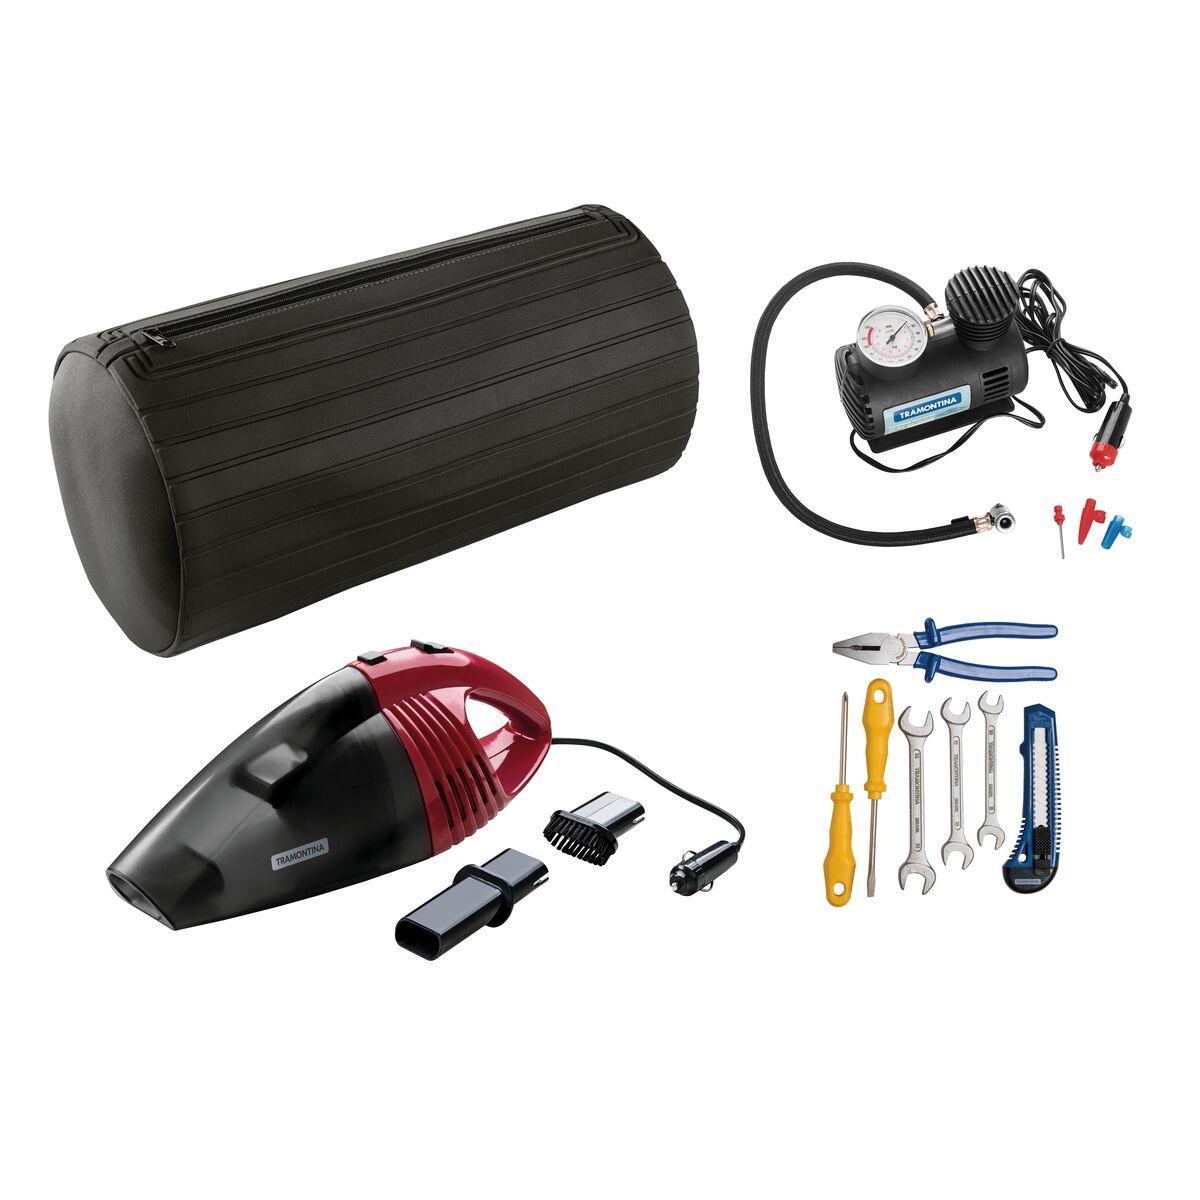 Kit de herramientas con 9 piezas Tramontina